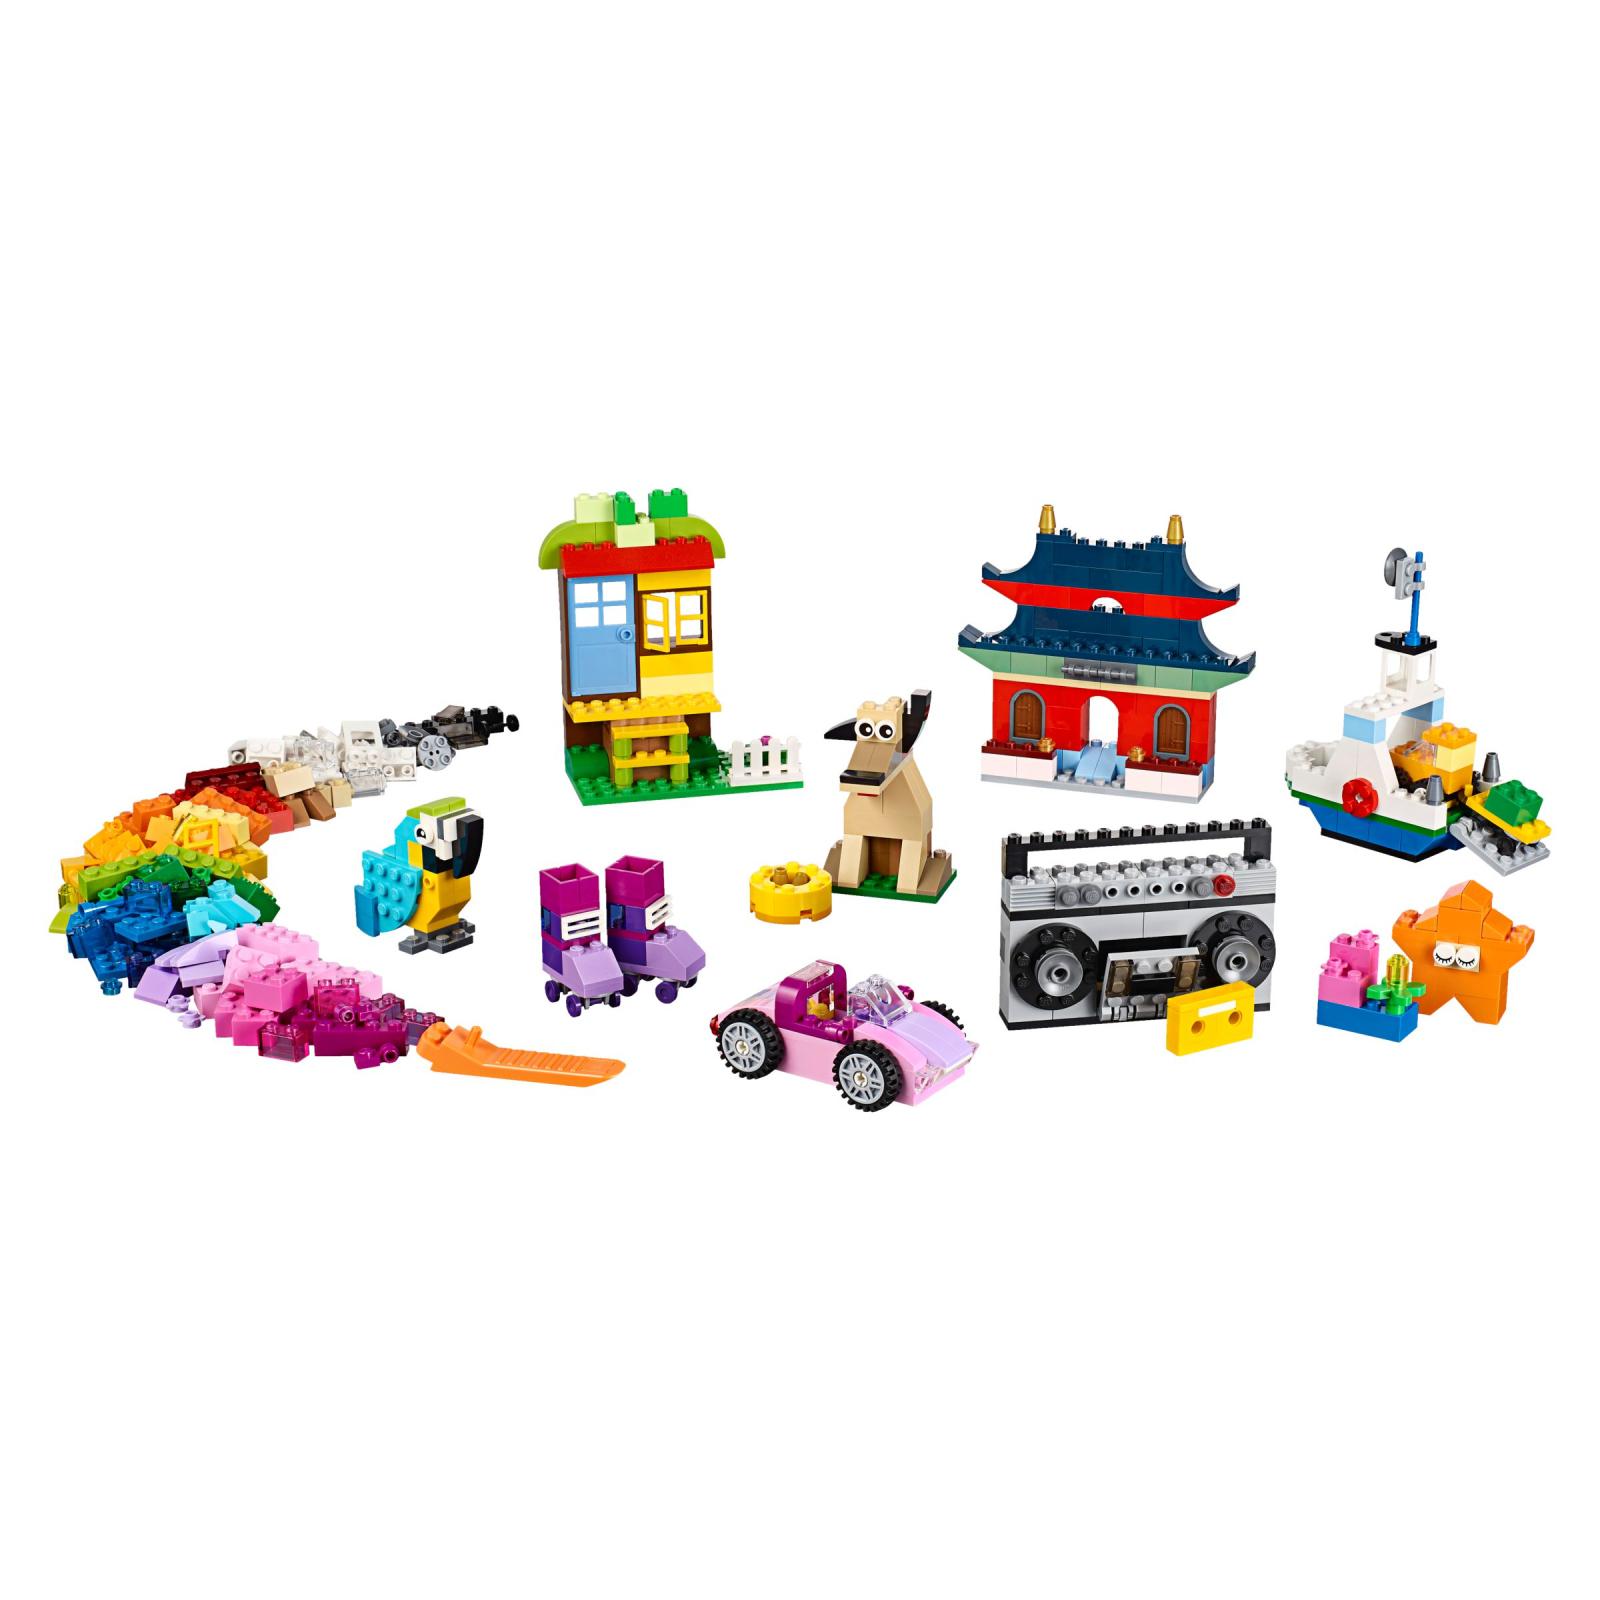 Конструктор LEGO Classic Набор кубиков для свободного конструирования (10702) изображение 2